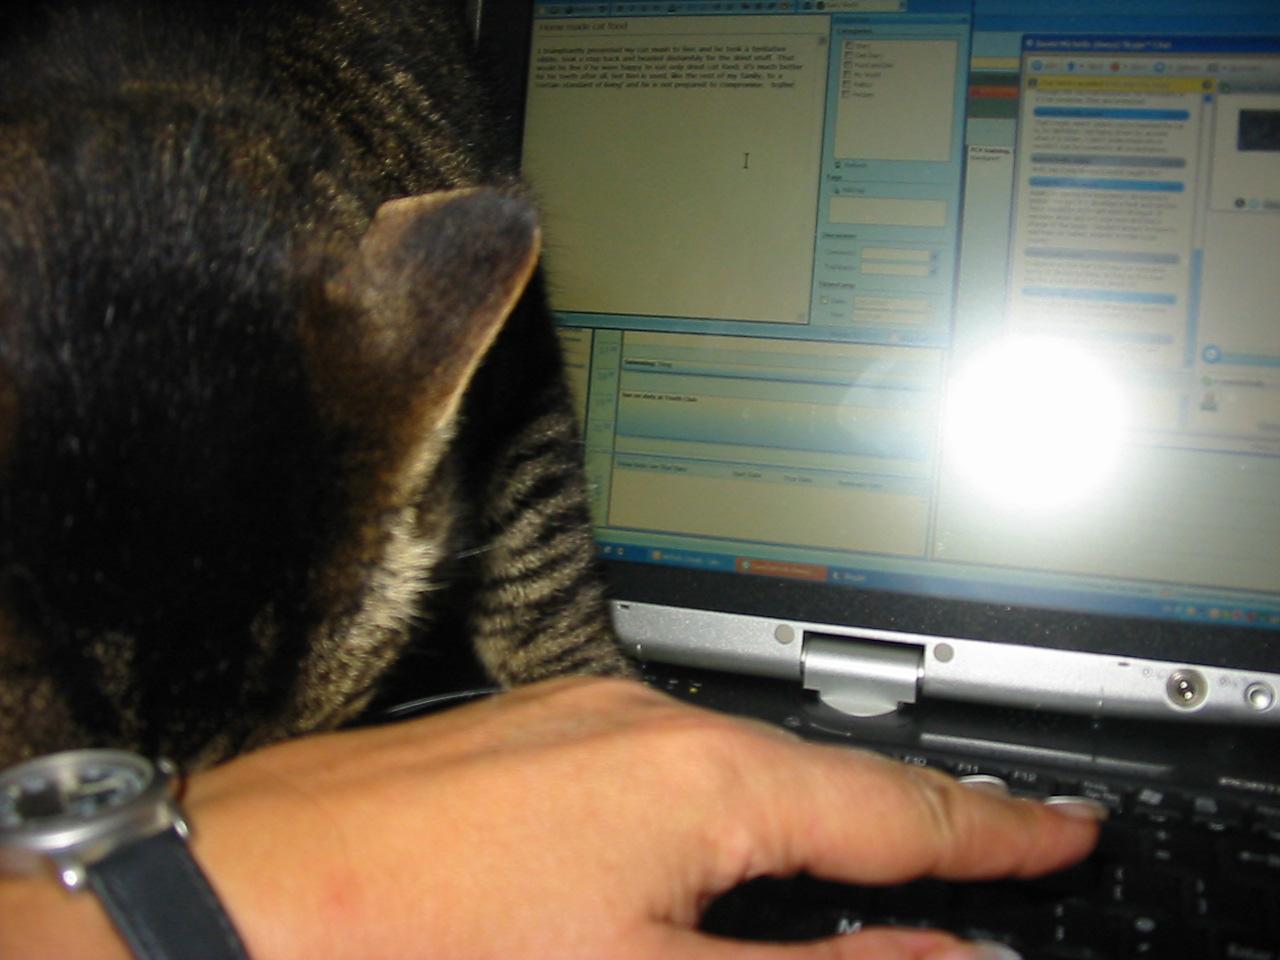 Ben on computer